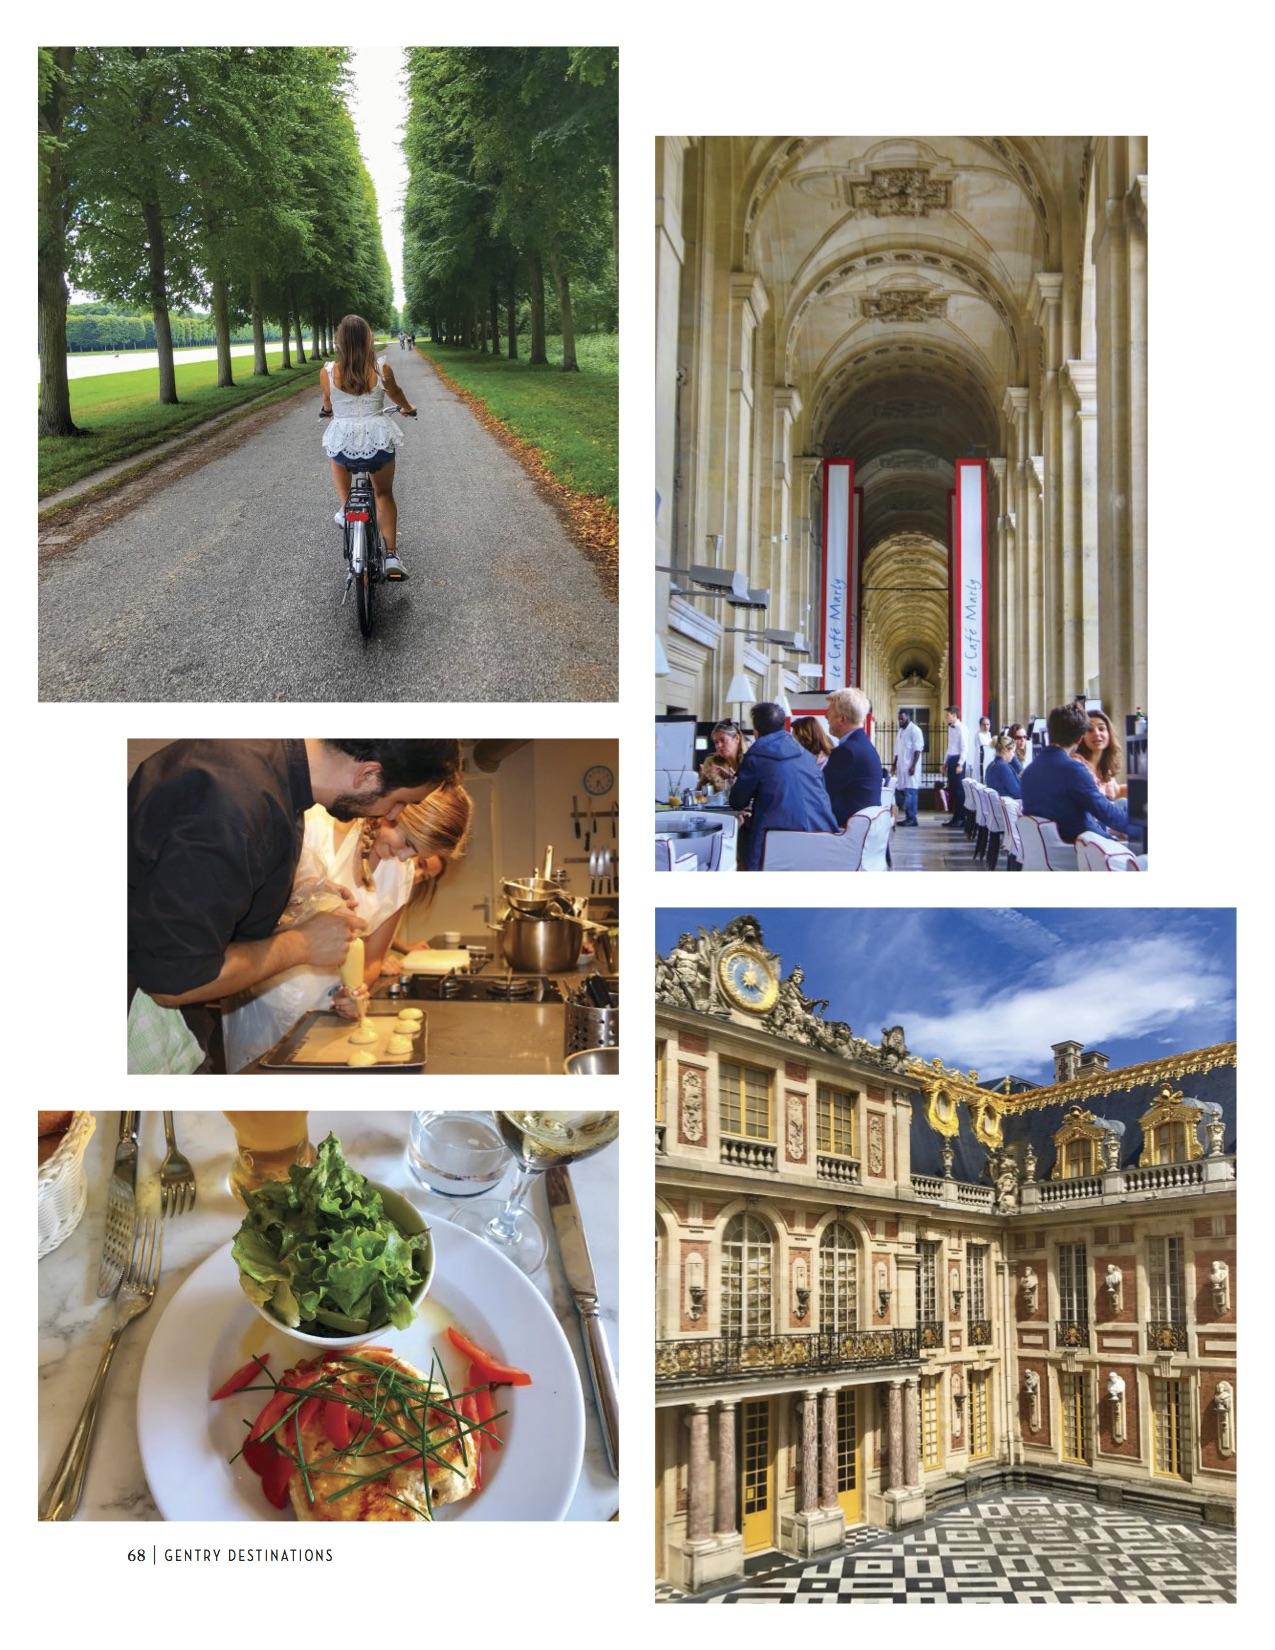 gentry destinations nov Paris 3.jpg